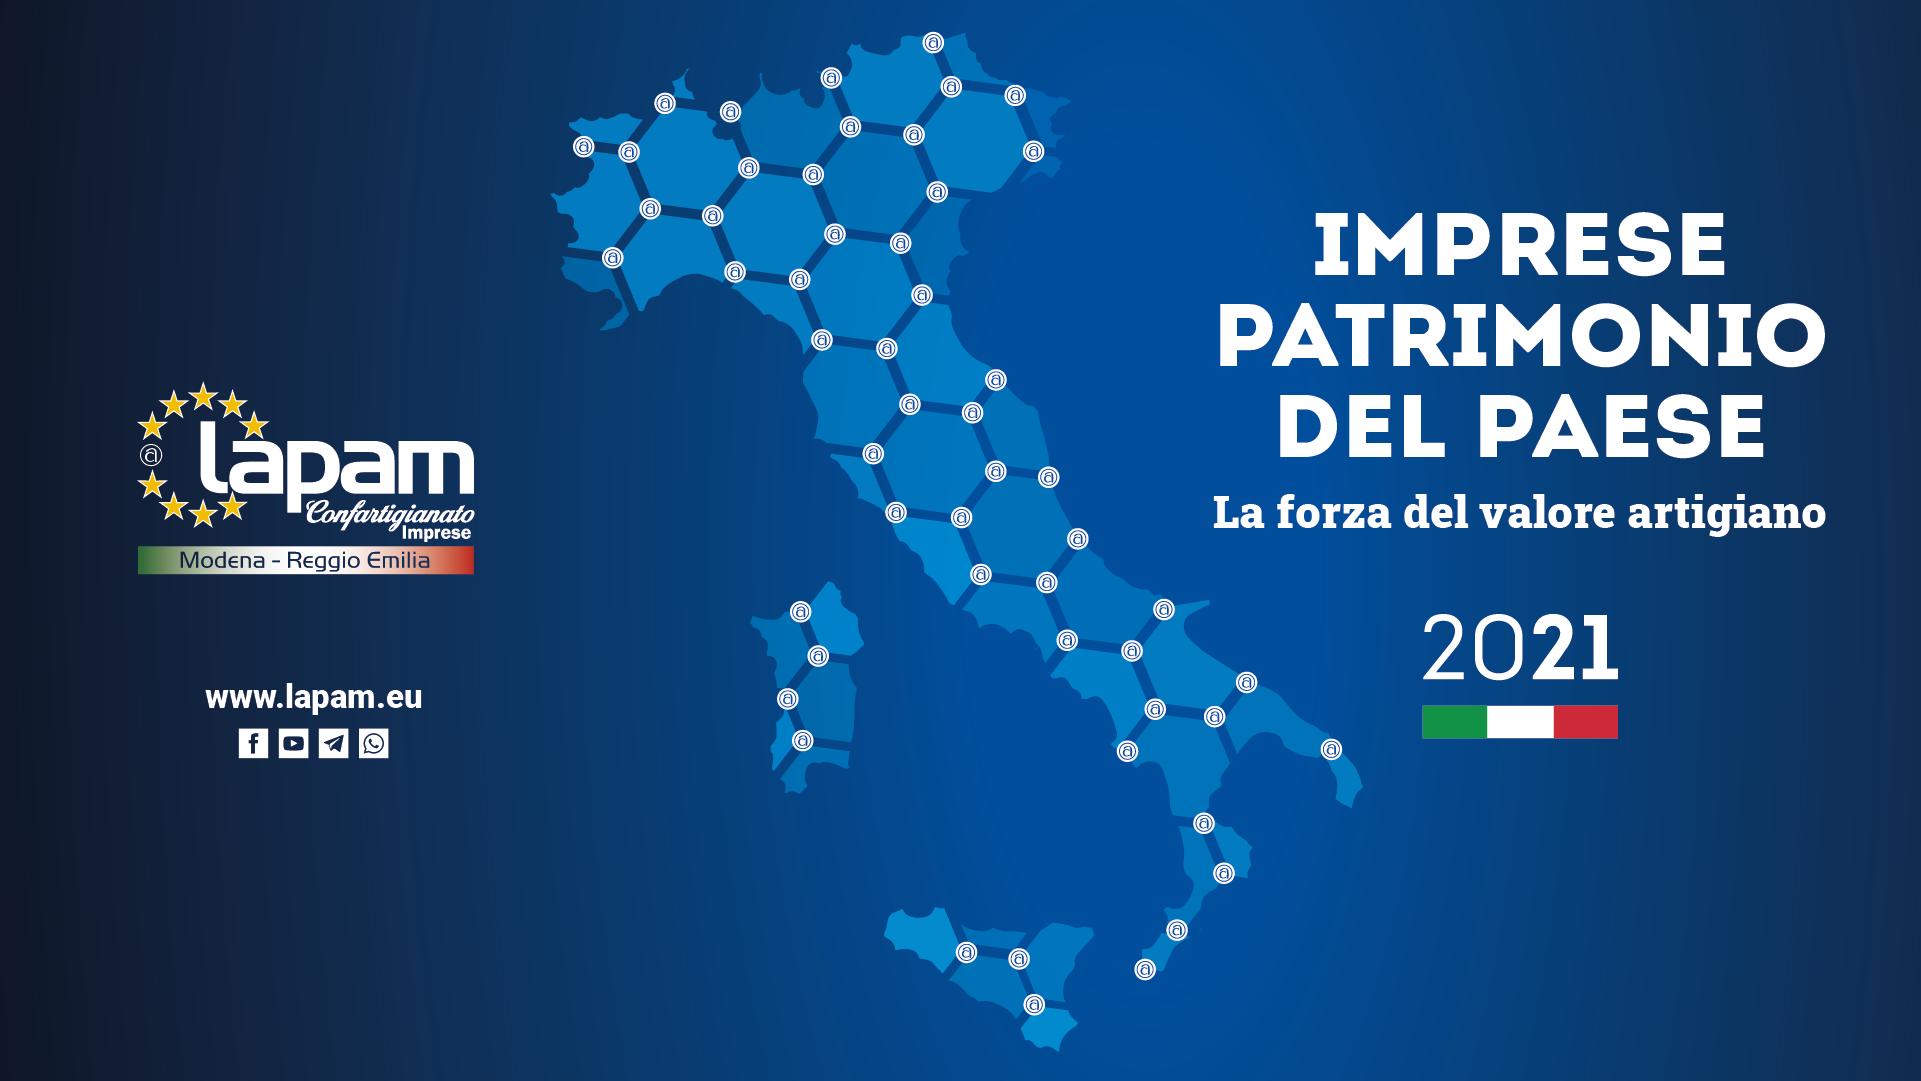 Lapam Confartigianato Imprese - Modena e Reggio Emilia